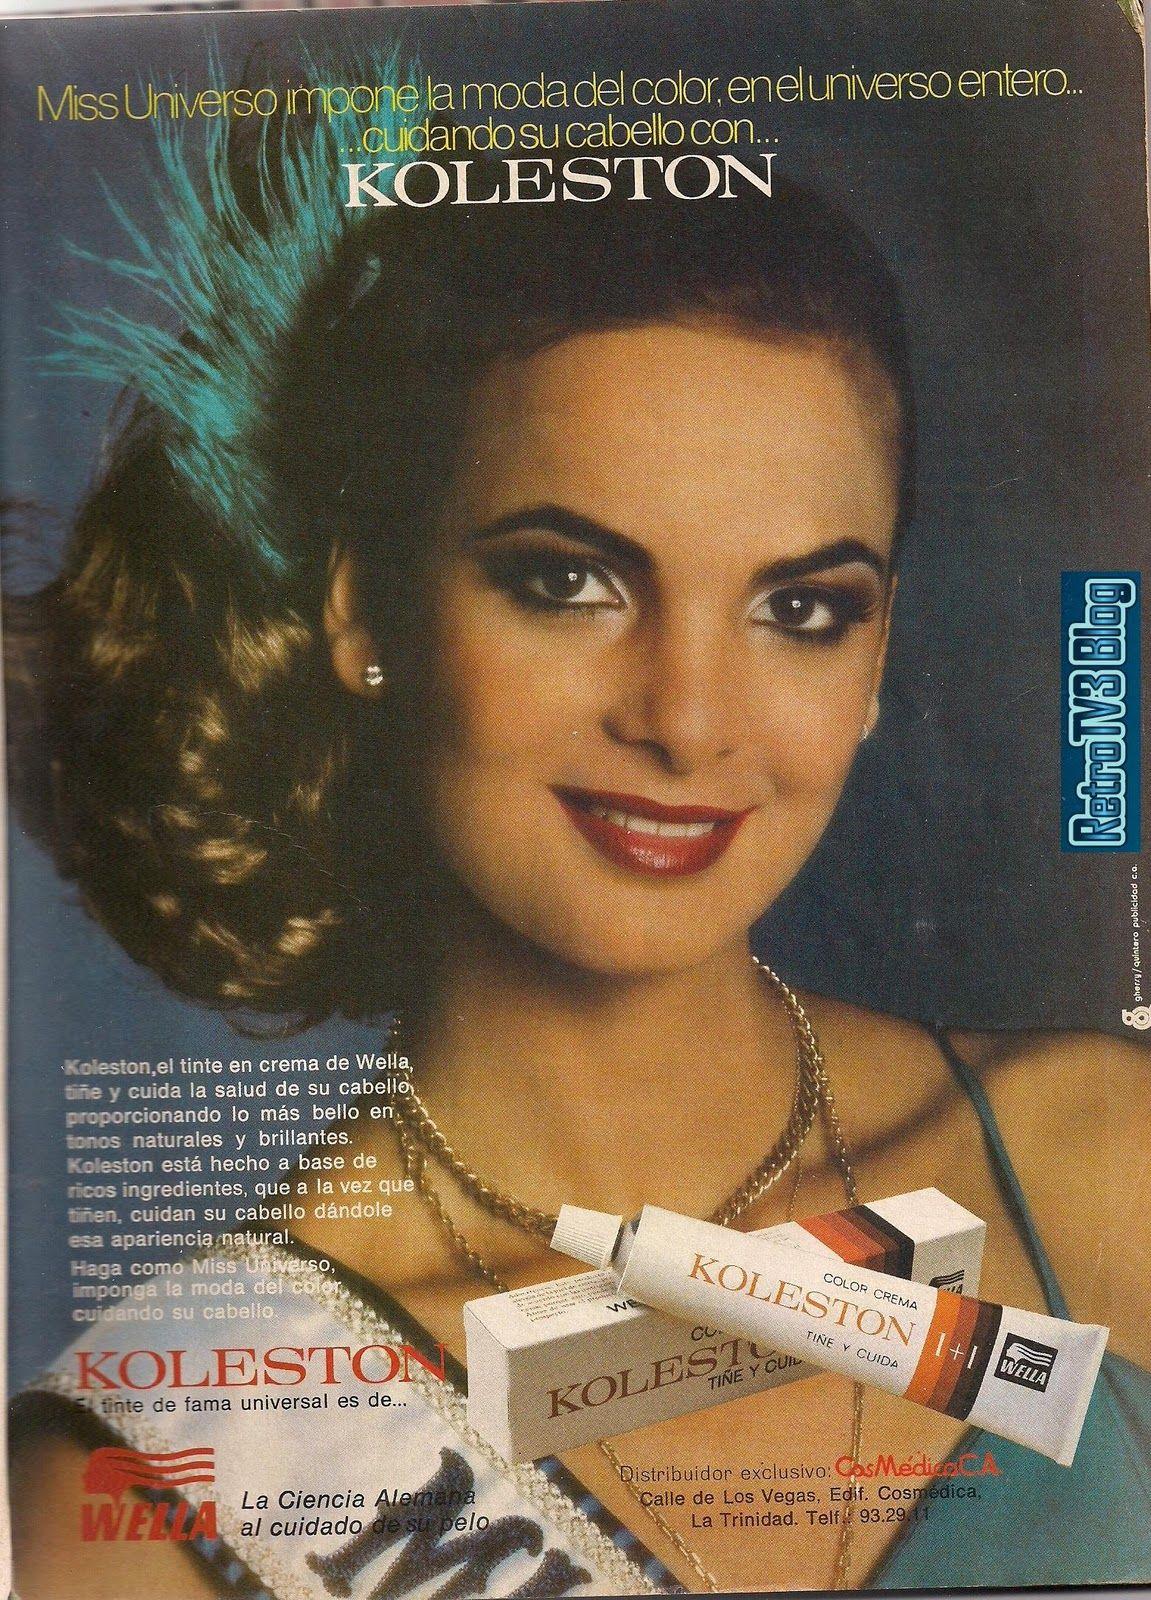 maritza sayalero, miss universe 1979. - Página 4 C10e4c10